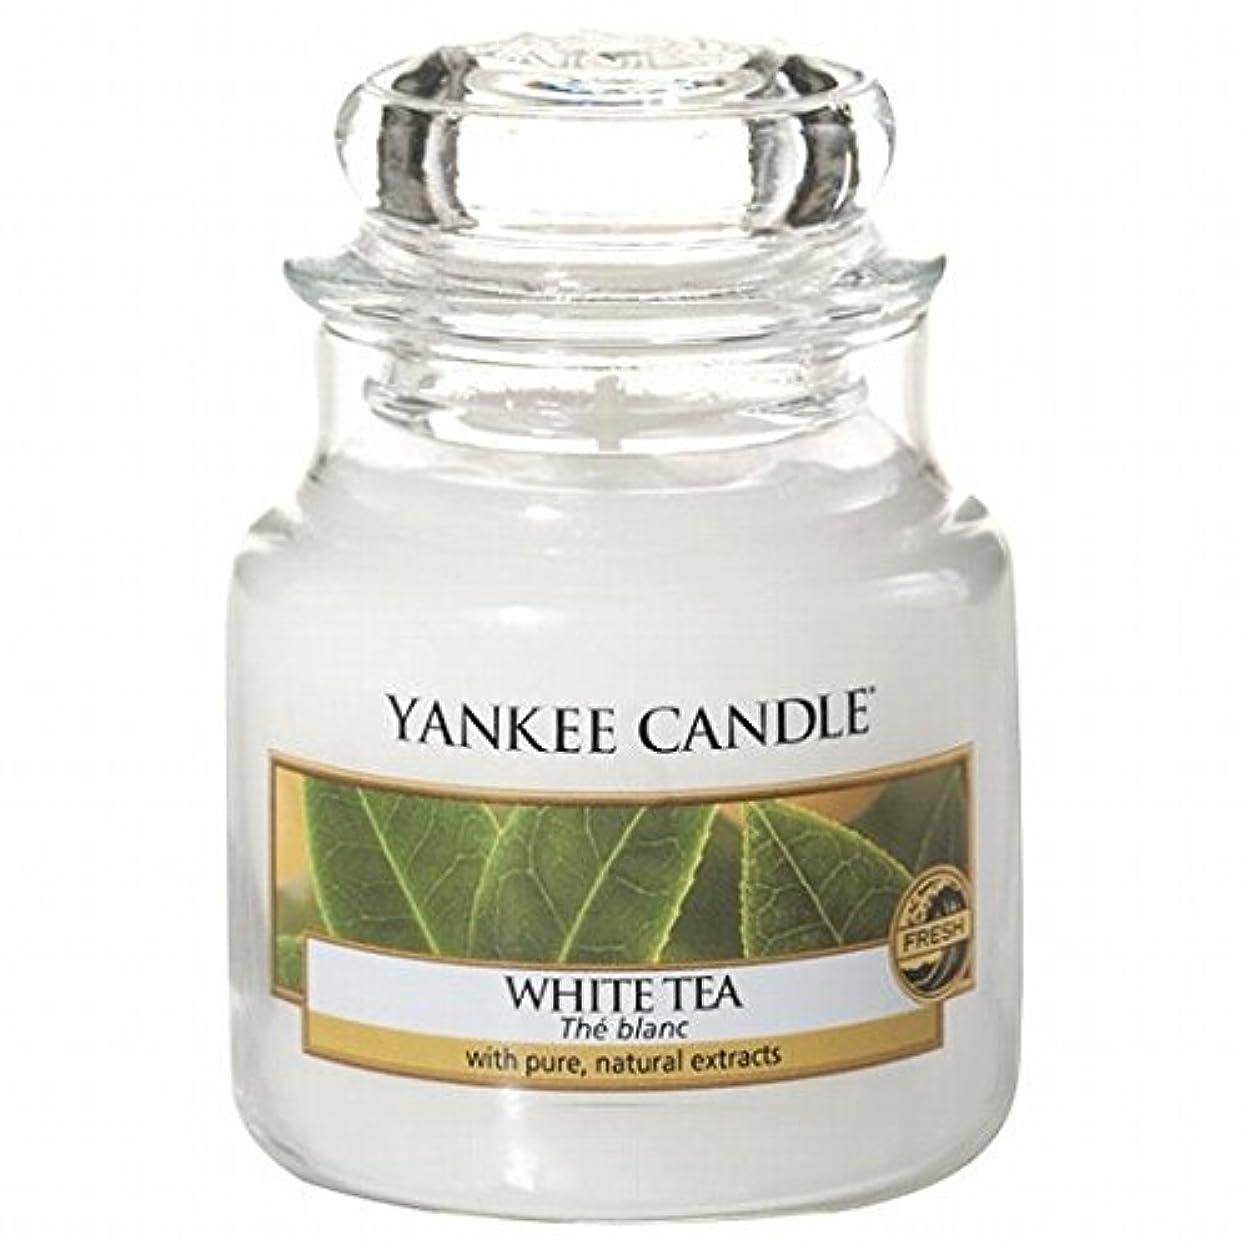 ポルトガル語野生シガレットYANKEE CANDLE(ヤンキーキャンドル) YANKEE CANDLE ジャーS 「ホワイトティー」(K00305277)